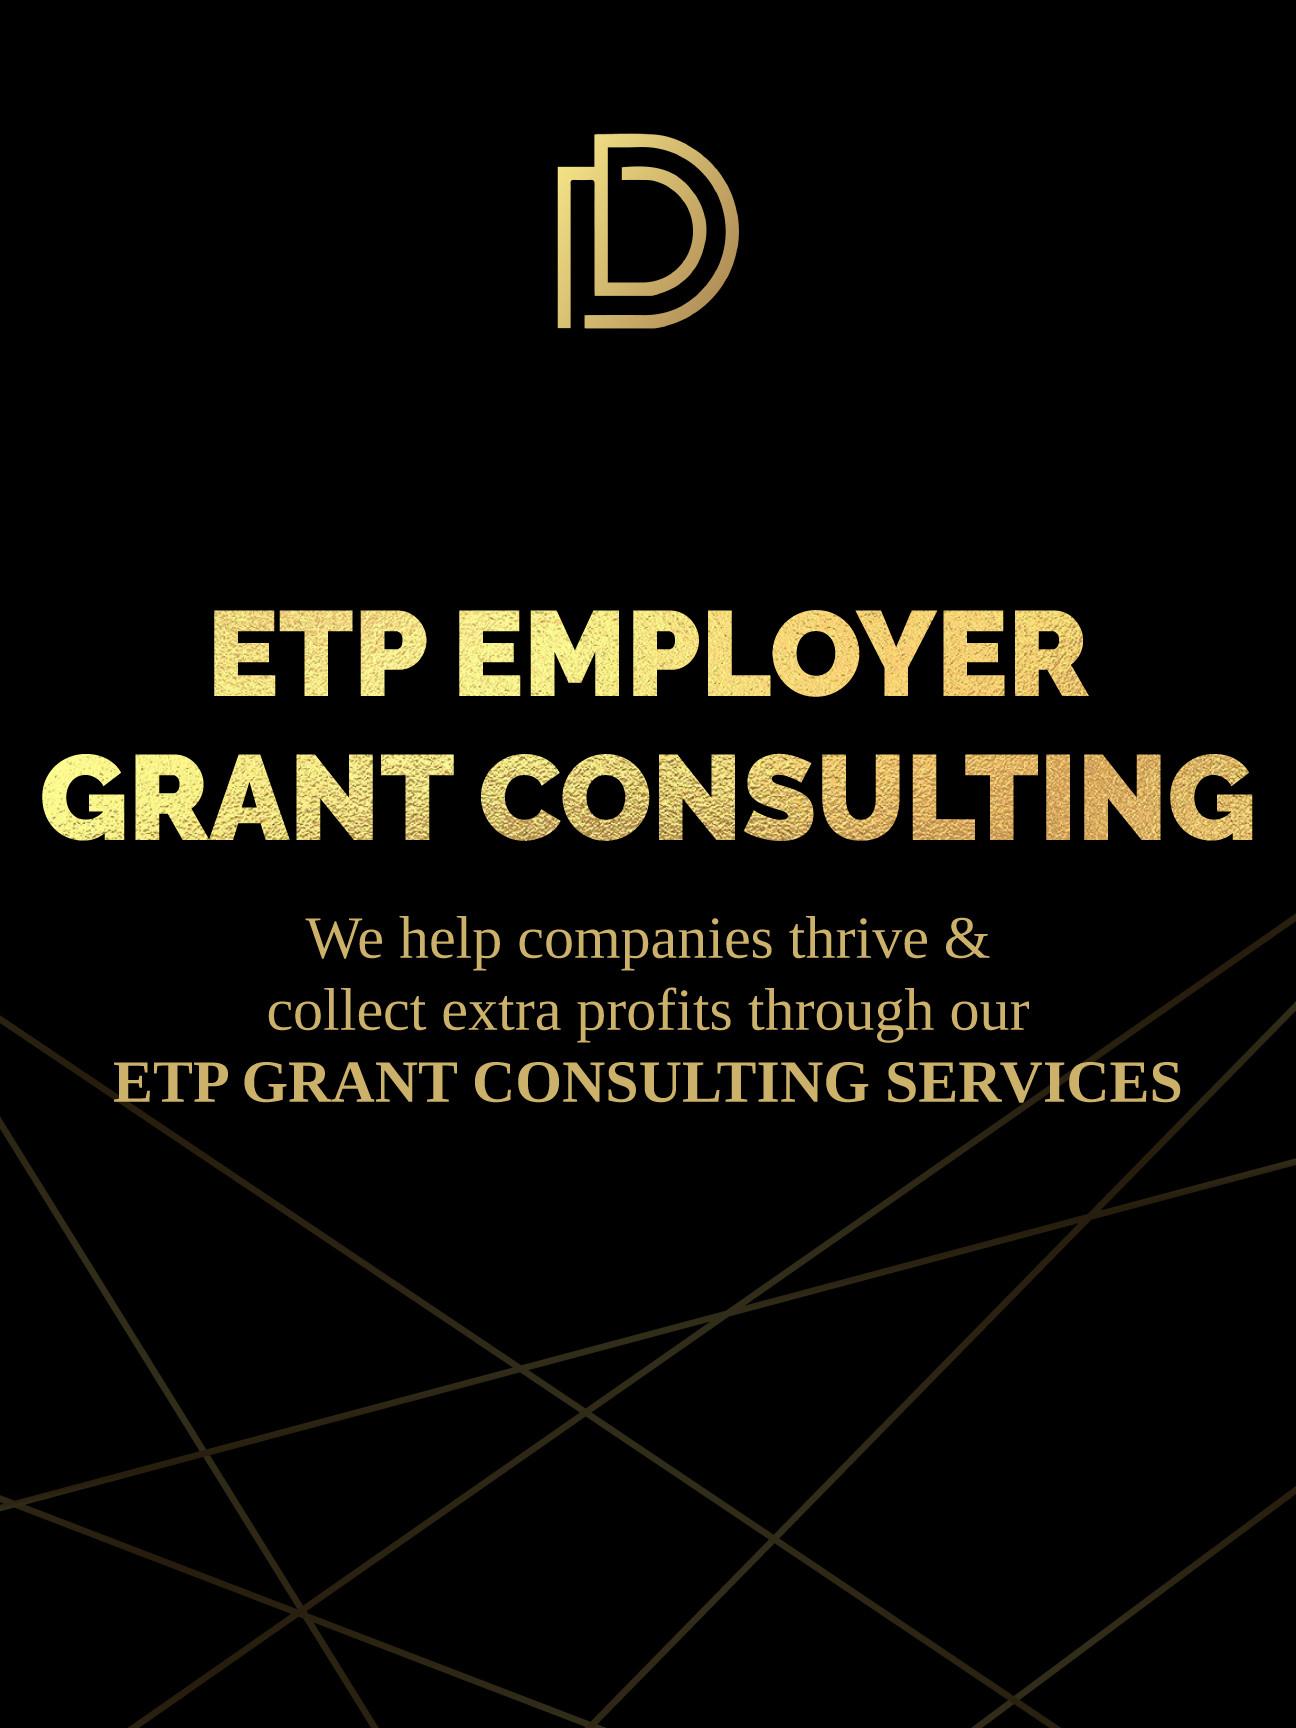 ETP Strategic Consulting